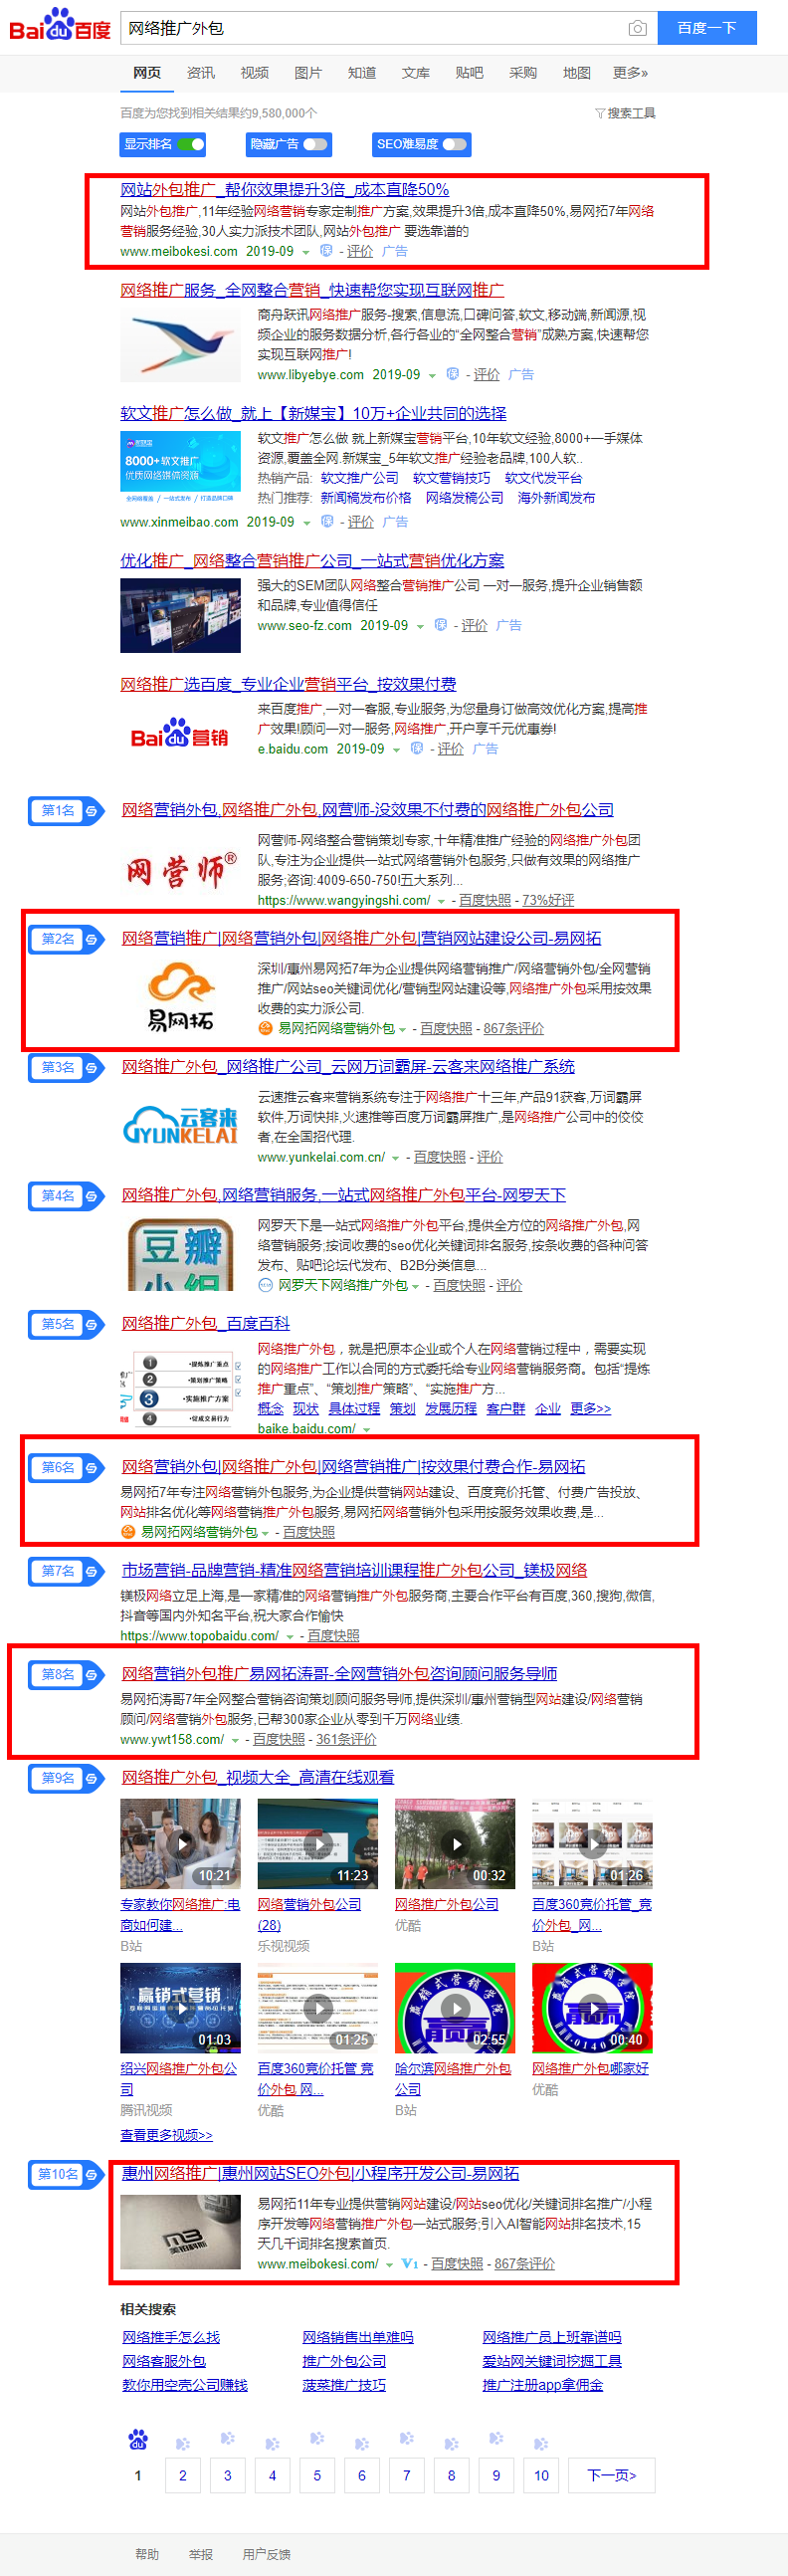 网络推广外包_百度搜索.png